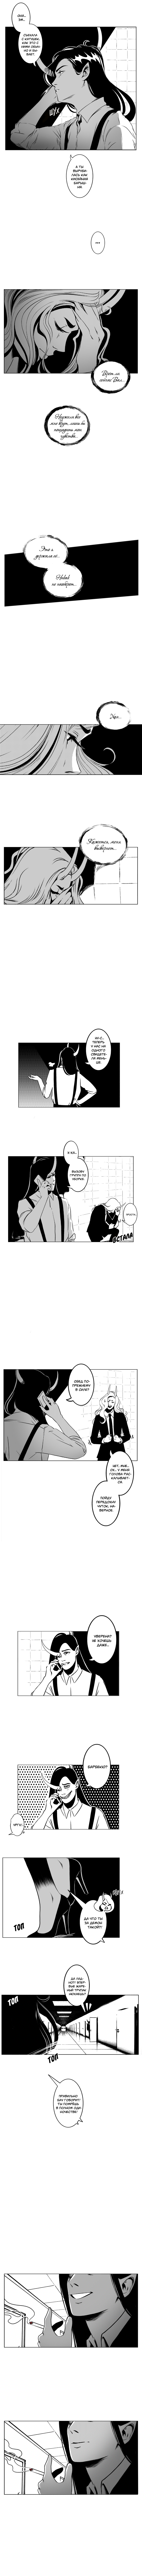 https://r2.ninemanga.com/comics/pic4/0/33536/1366702/1560289756730.png Page 2